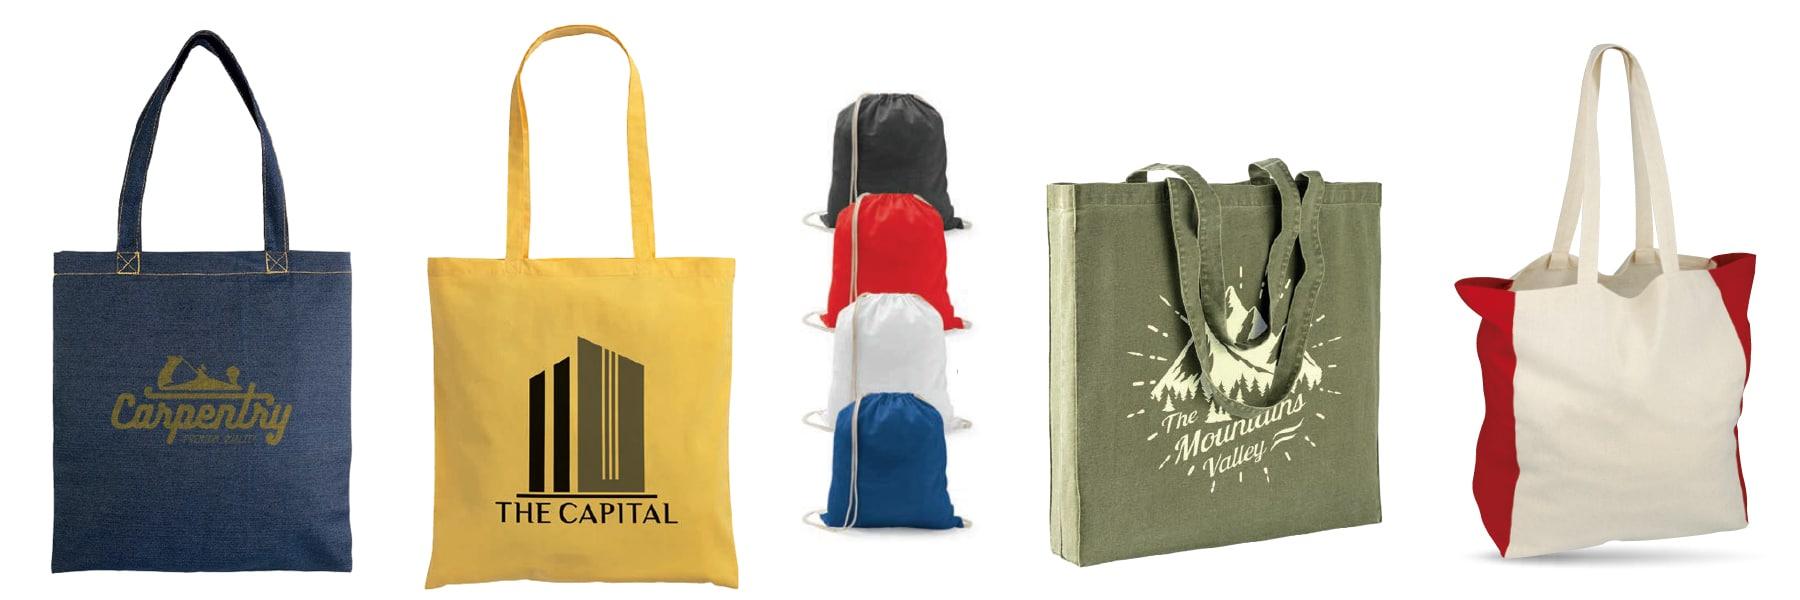 Bolsas de tela personalizadas en Mallorca - Merchaspain